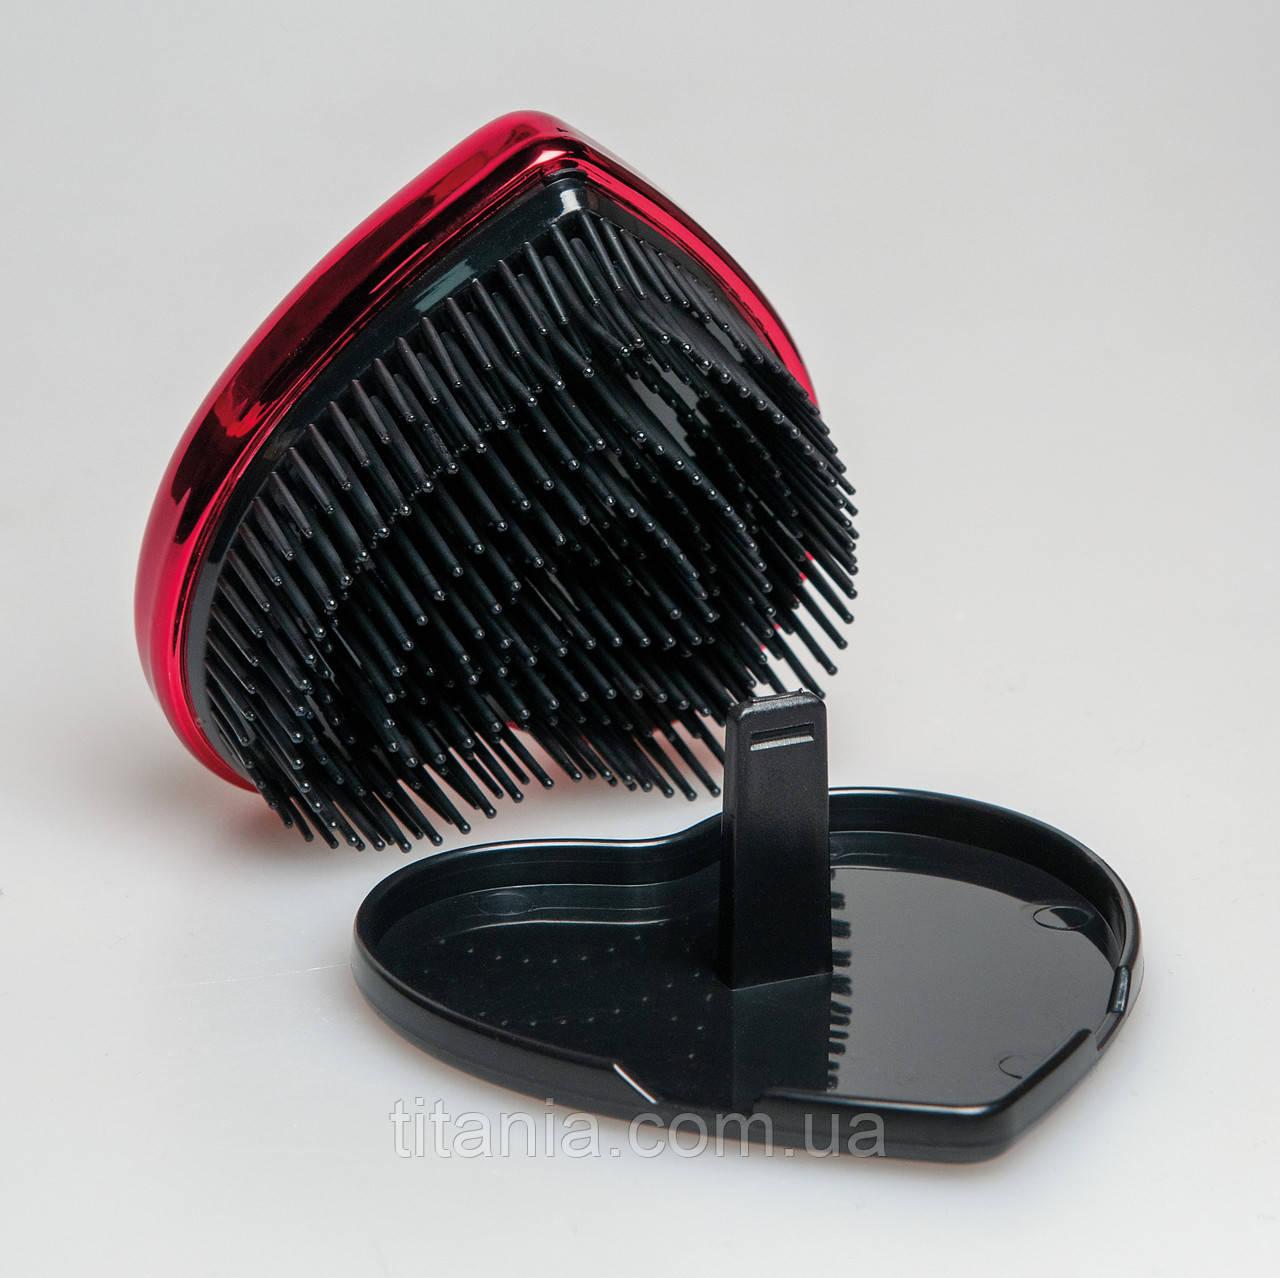 Щітка для вологого волосся у формі серця TITANIA 1779 BOX